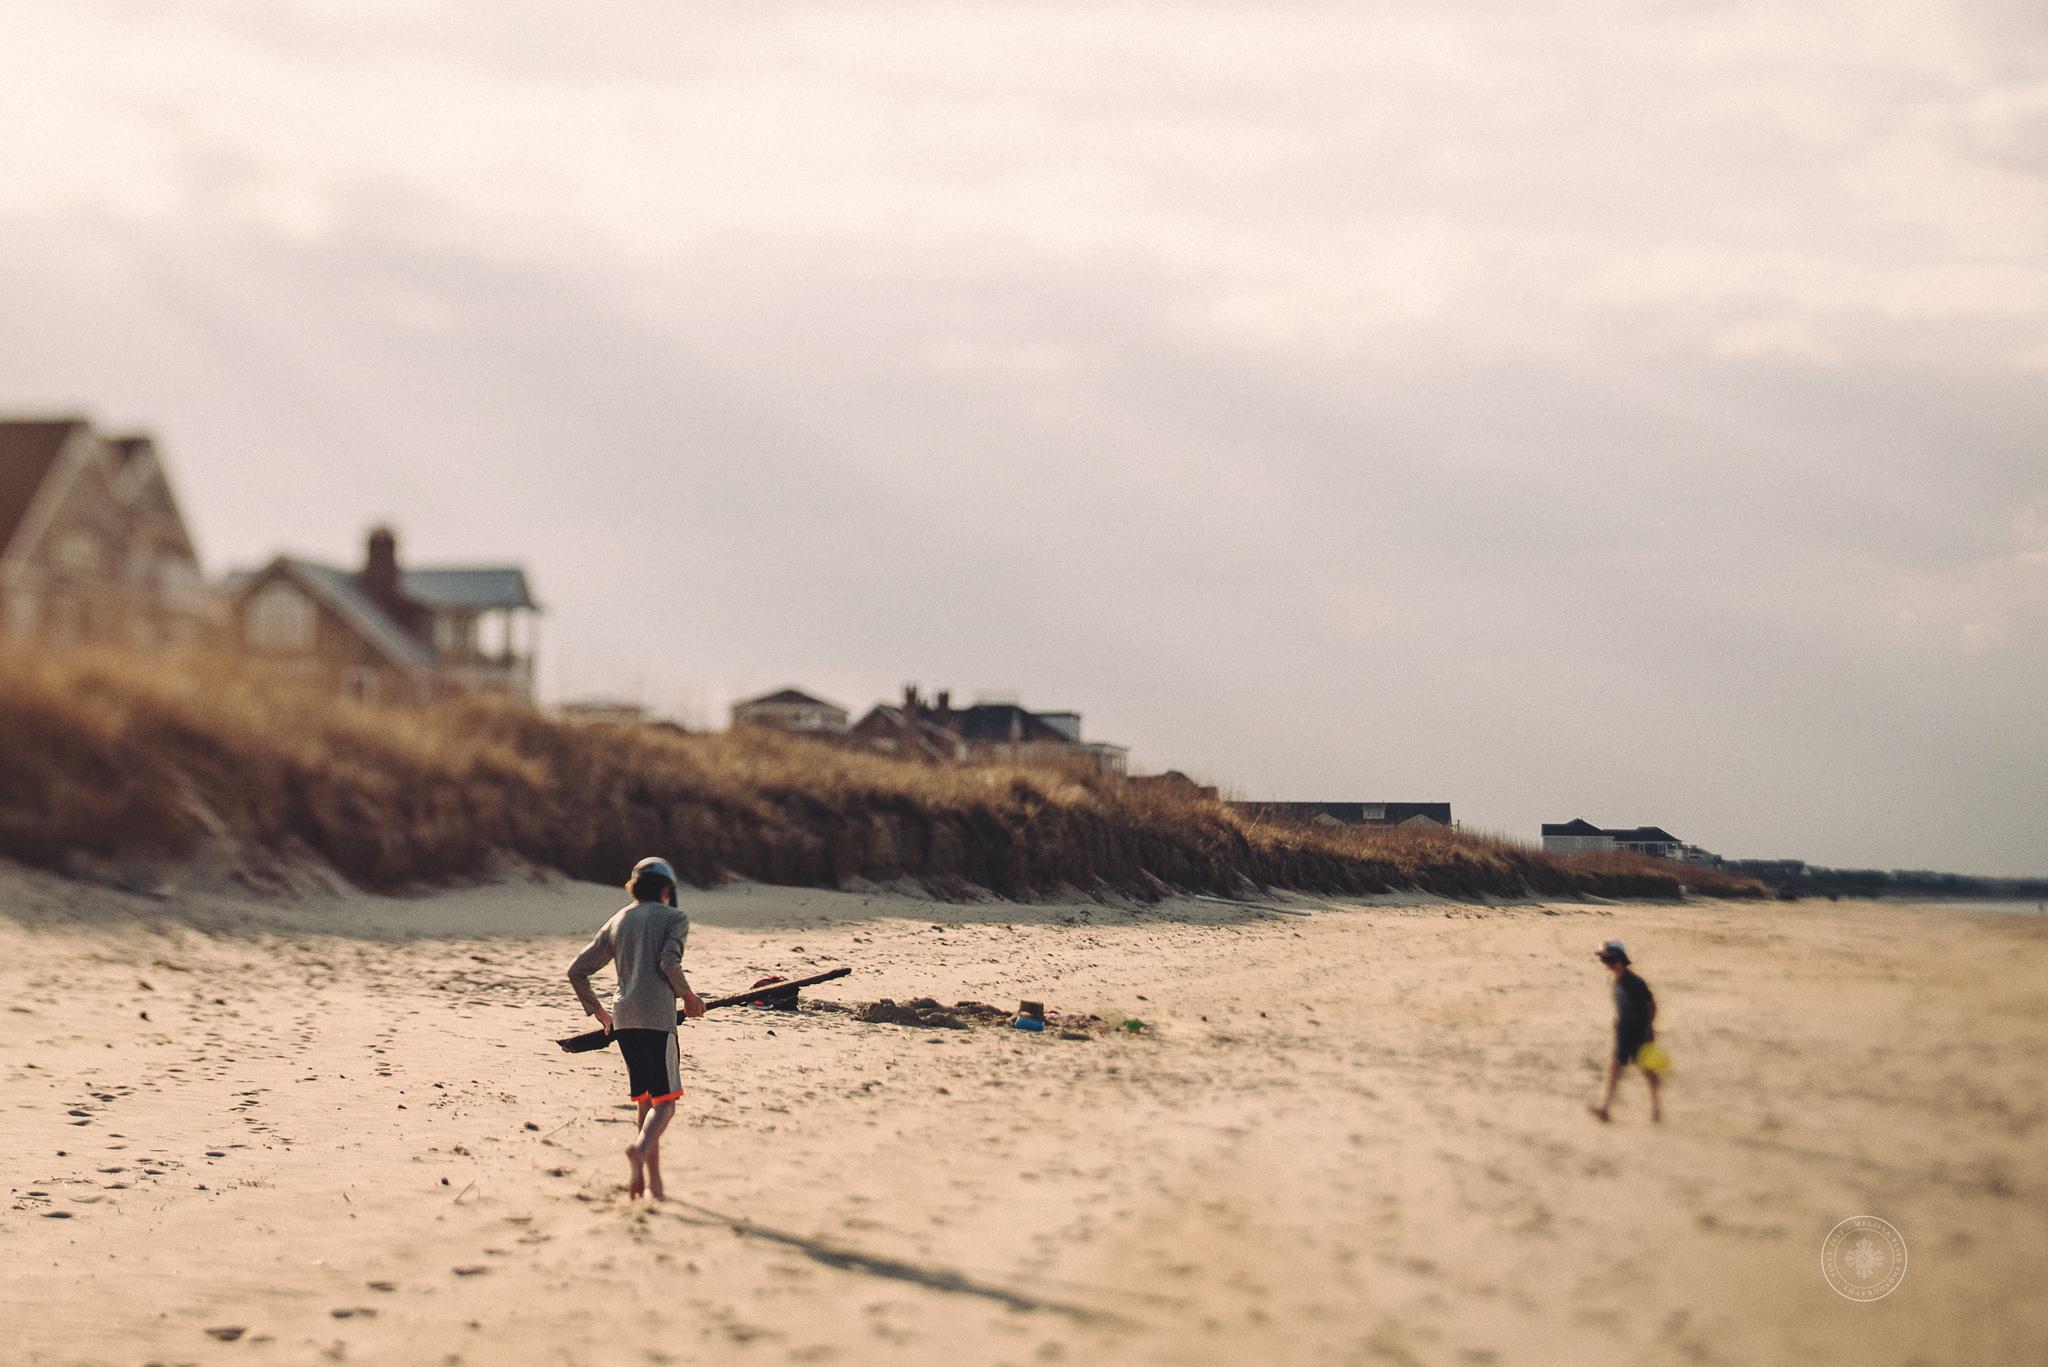 melissa-bliss-photography-best-beach-photographer-virginia-beach-documentary-photos-boys-on-beach